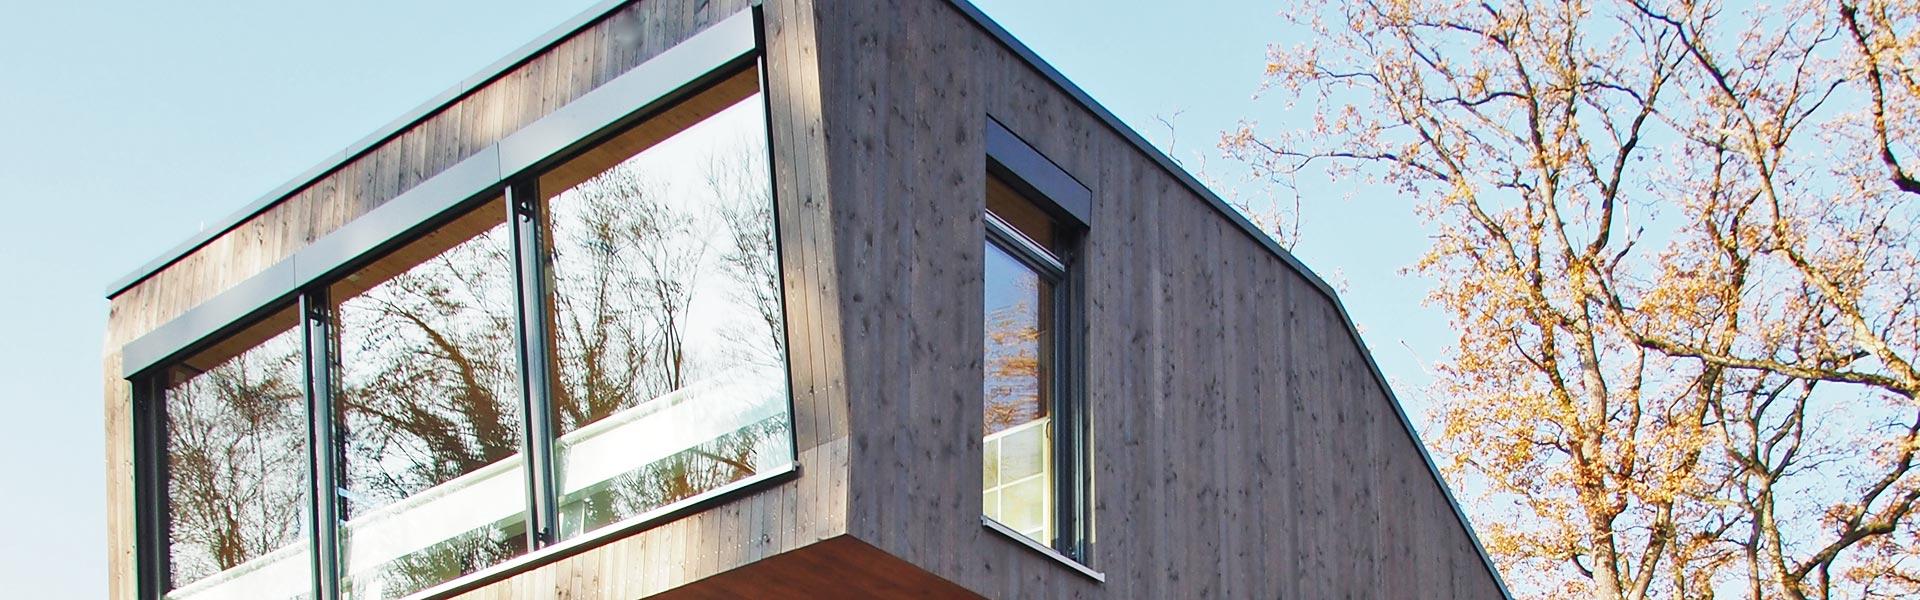 SCHWARZWALD CLT - Ansicht extravagantes Holzhaus